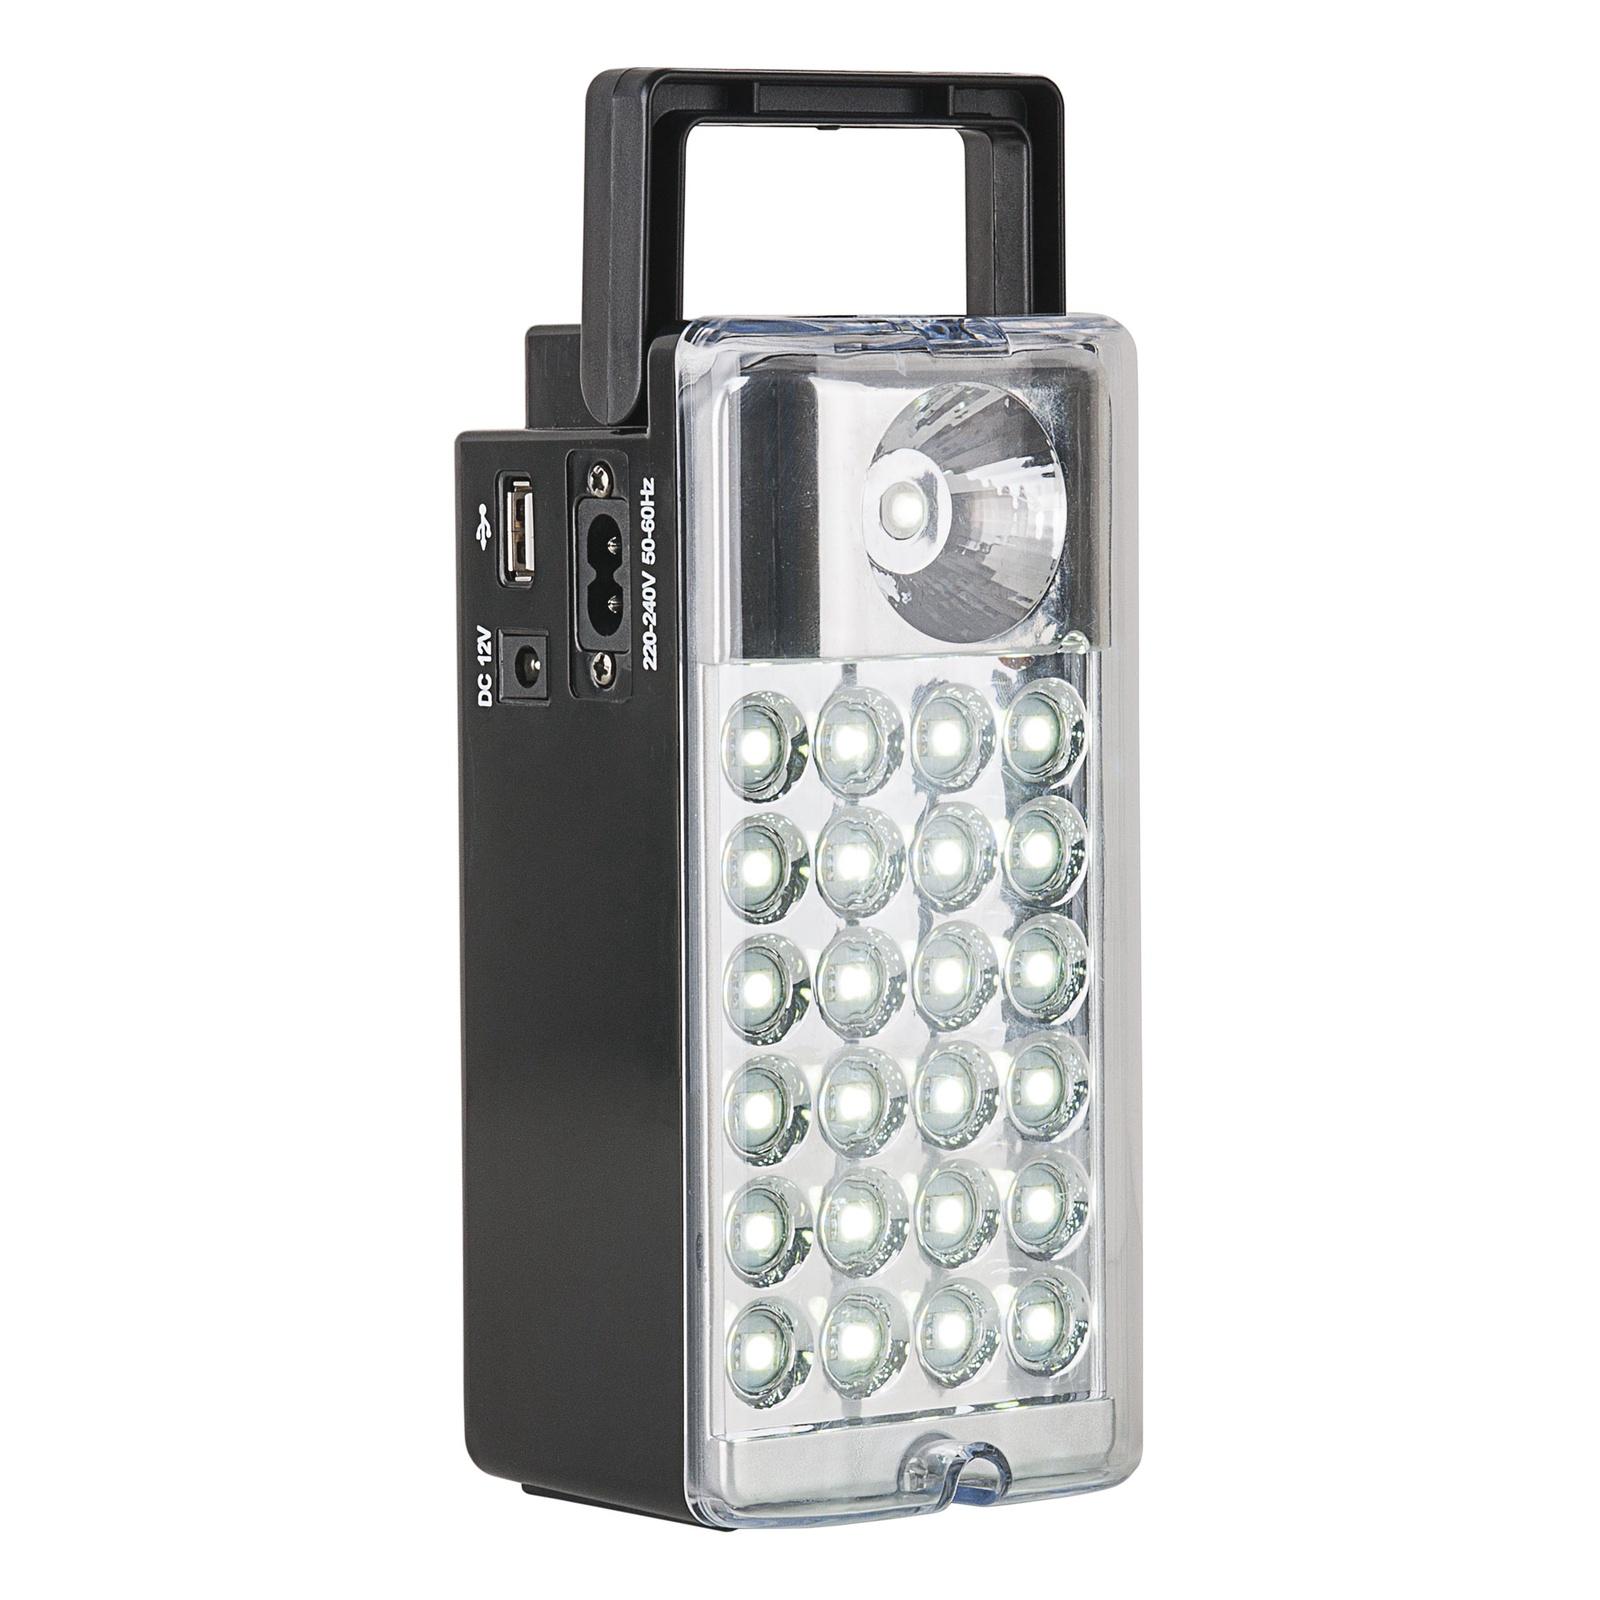 FLK13-16,5-2,5W 28led BK / Кемпинговый фонарь аккумуляторный Light Station